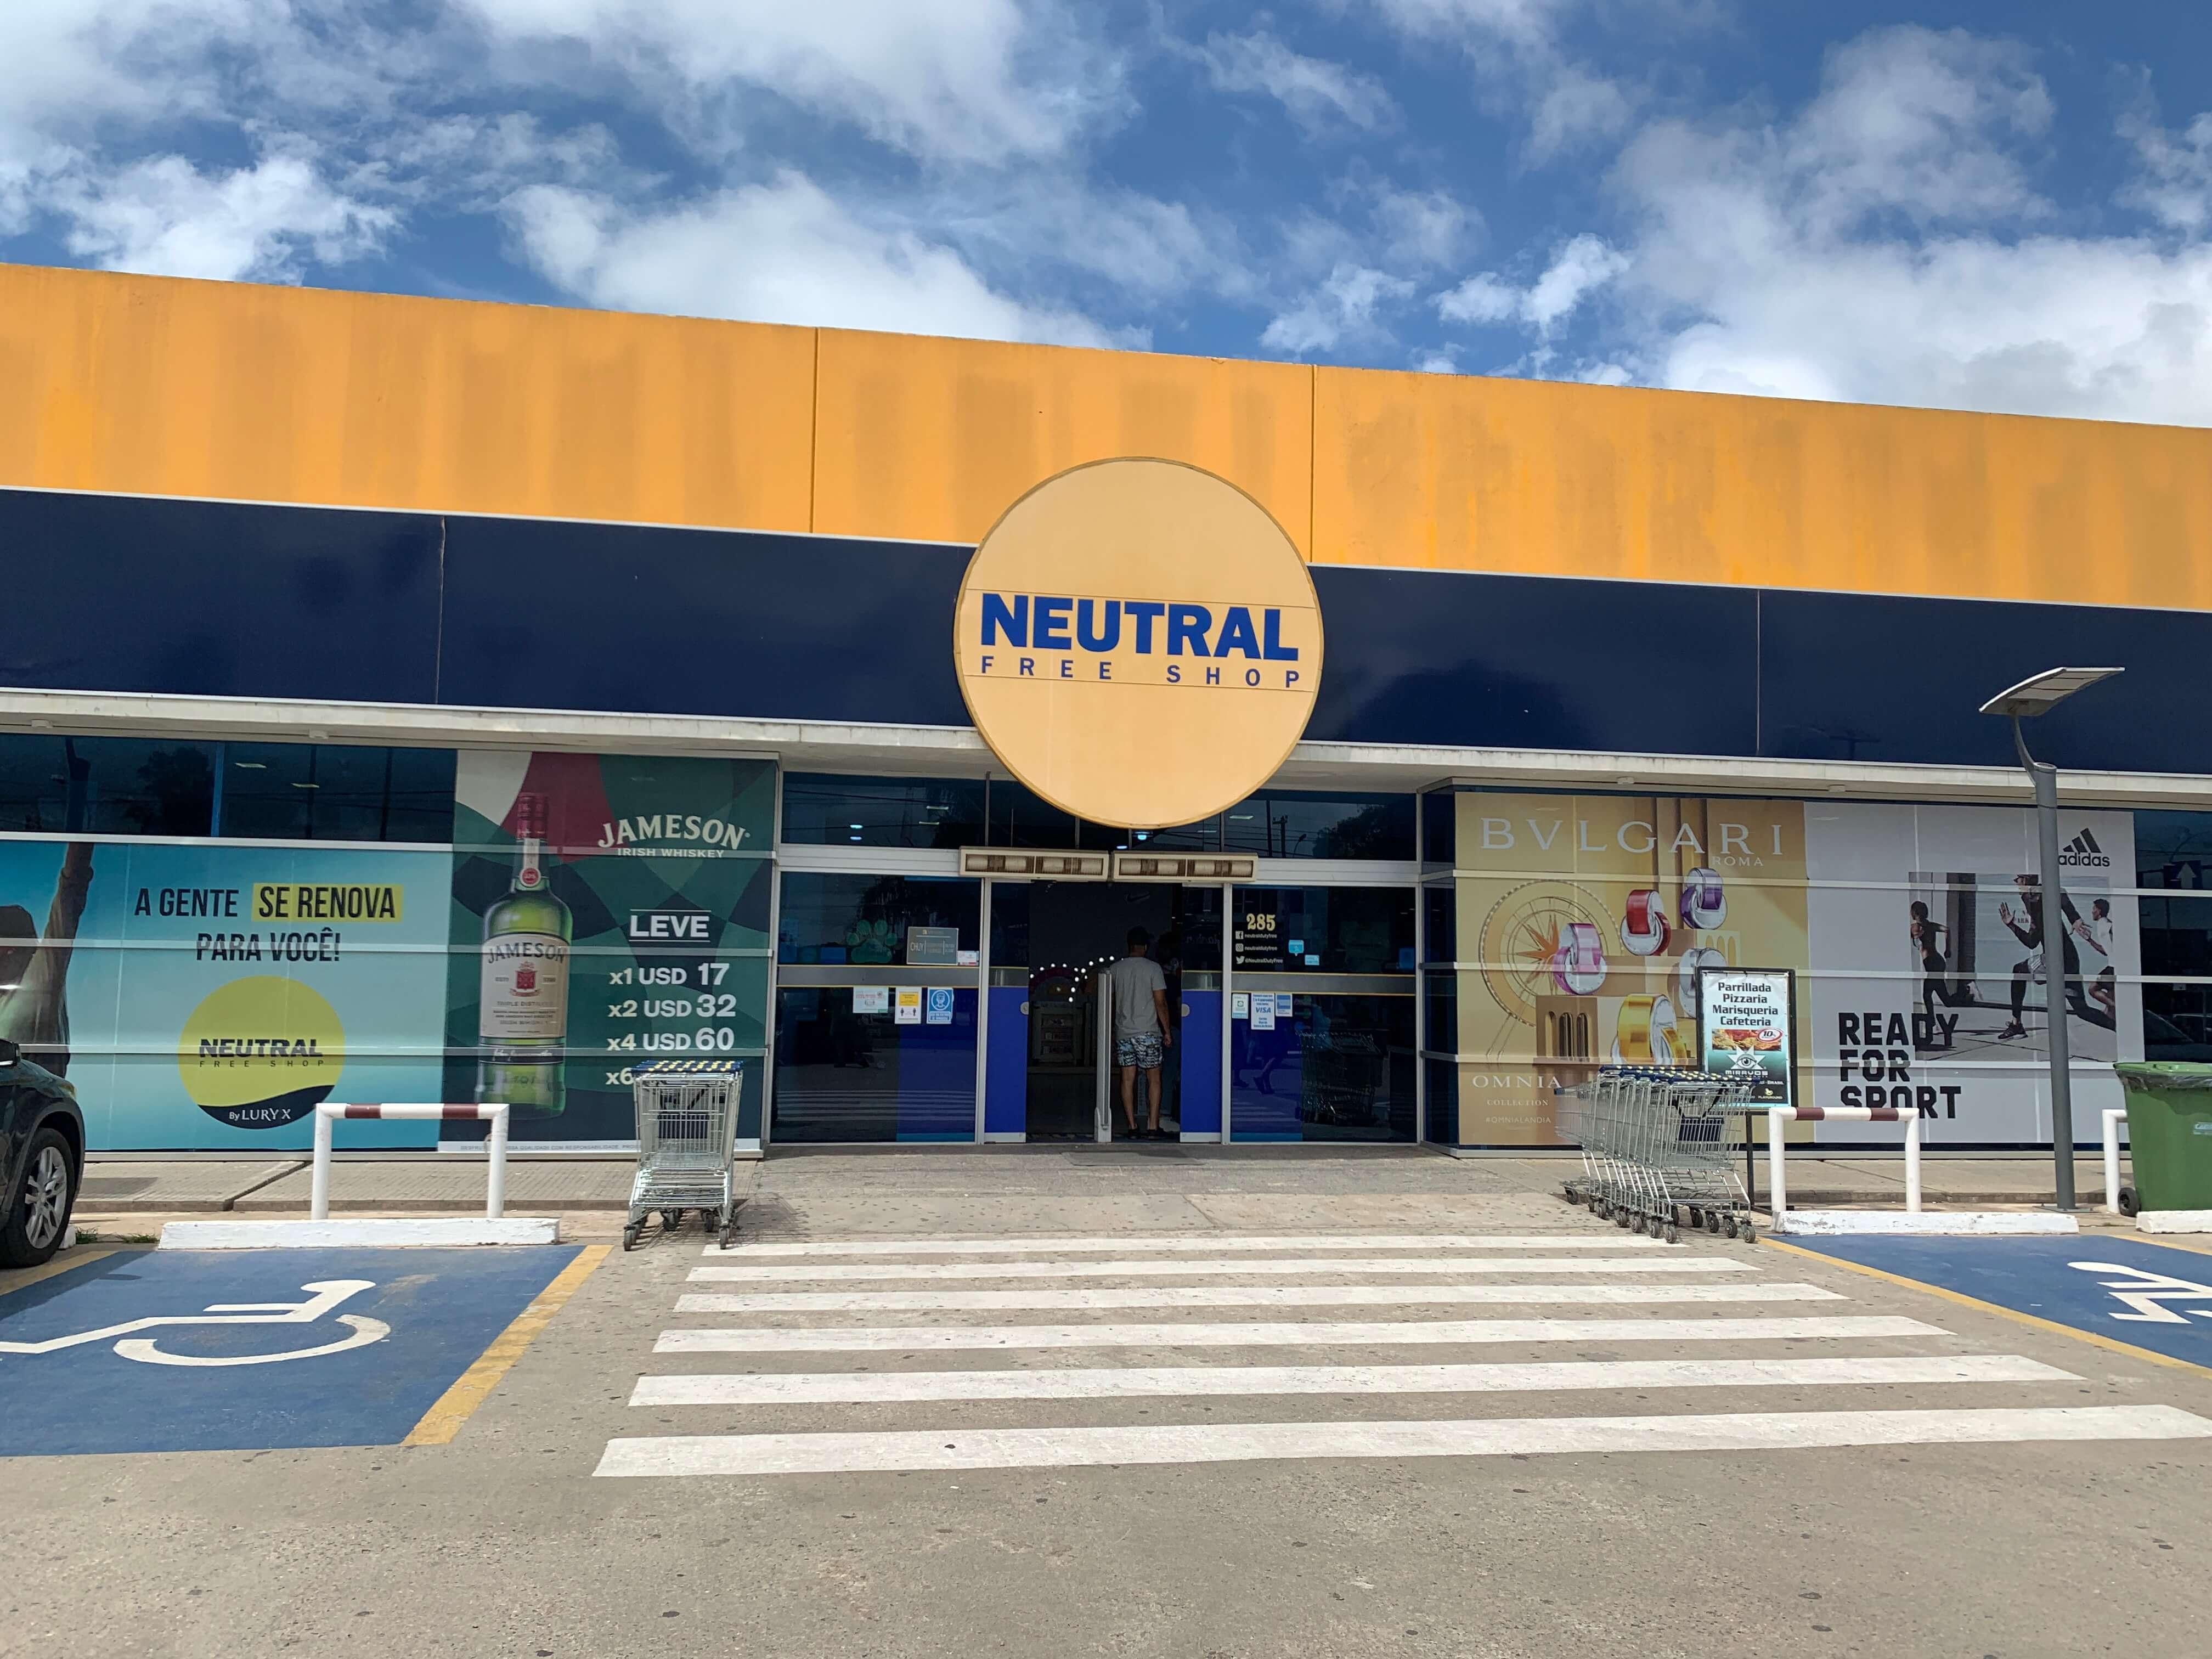 Neutral Freeshop, na cidade de Chuí